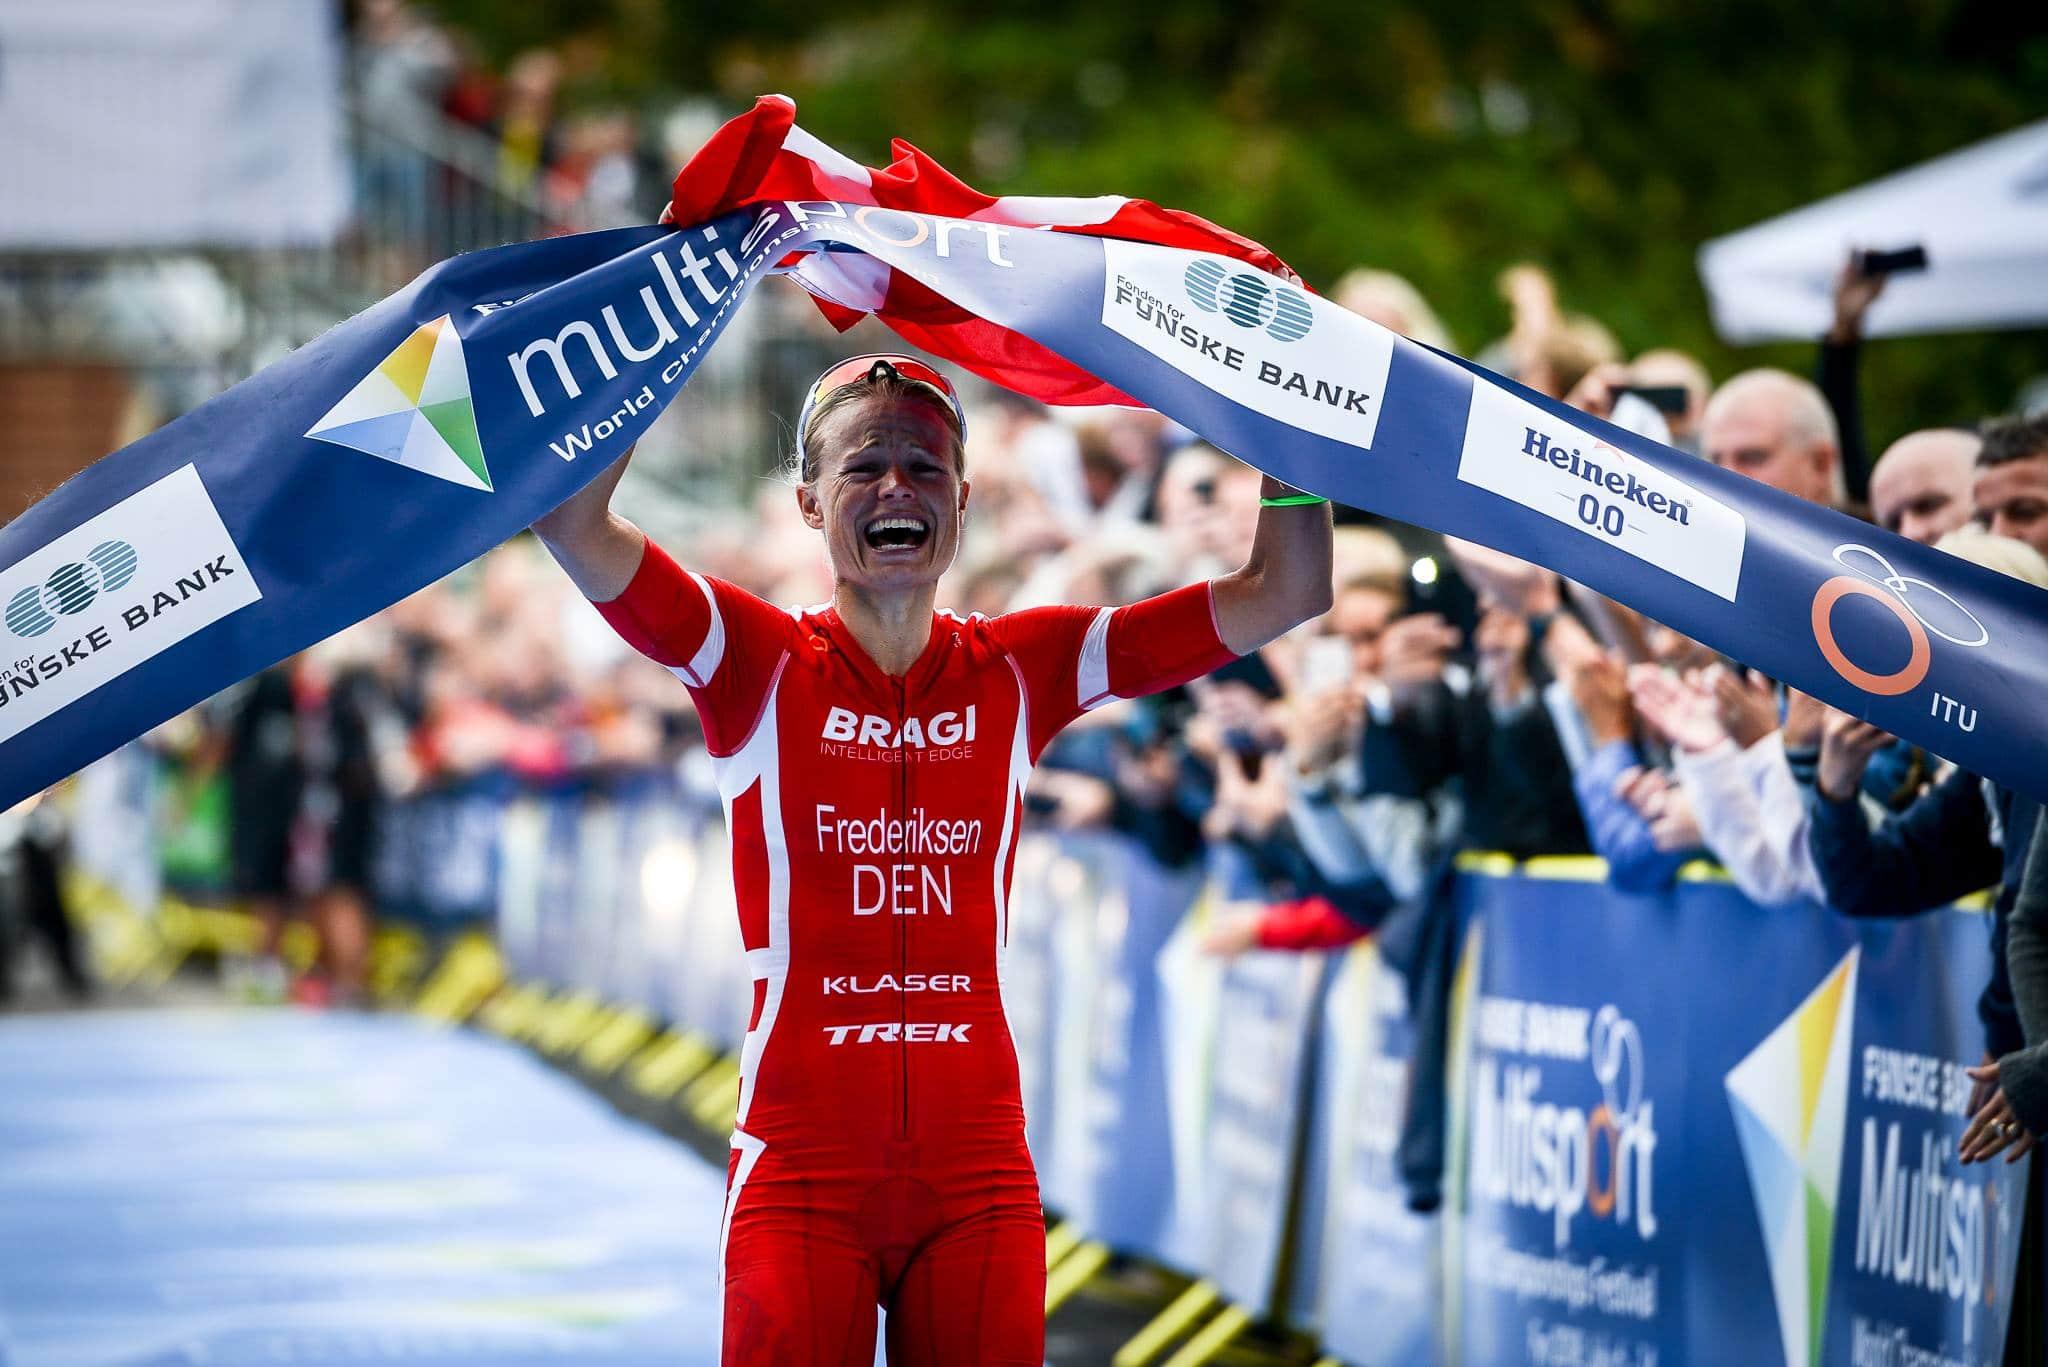 Helle Frederiksen med i opløbet om at blive Årets Sportsnavn 2018